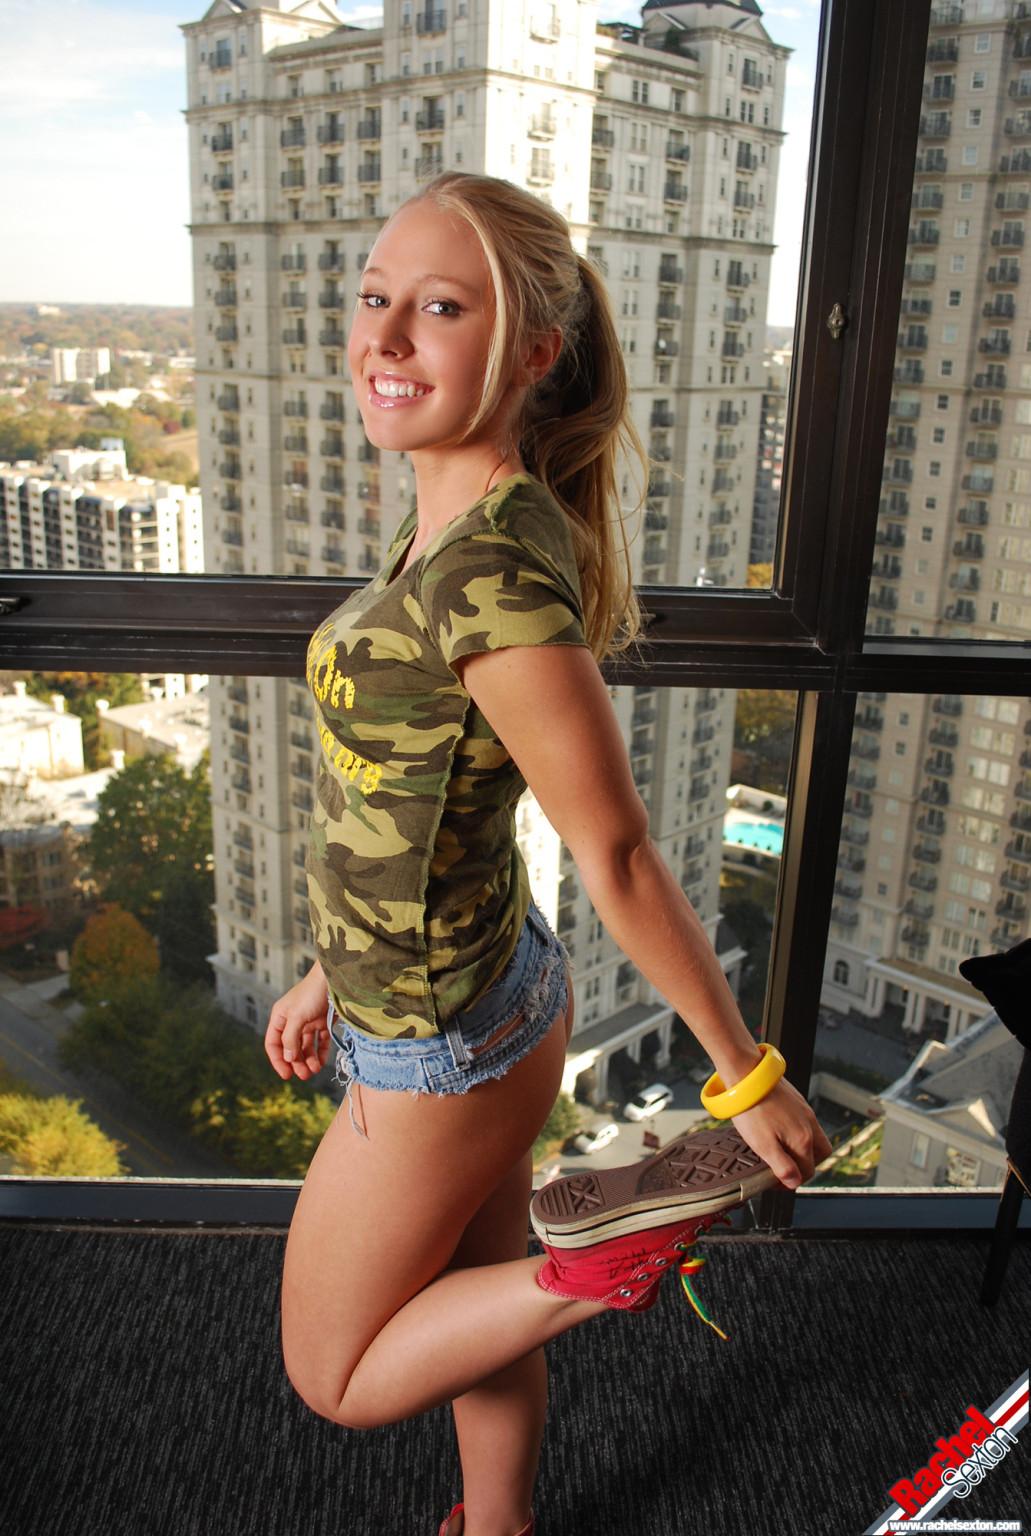 Рейчел Пономарь в маленькая Дейзи придурки в подросток Влагалище Фото